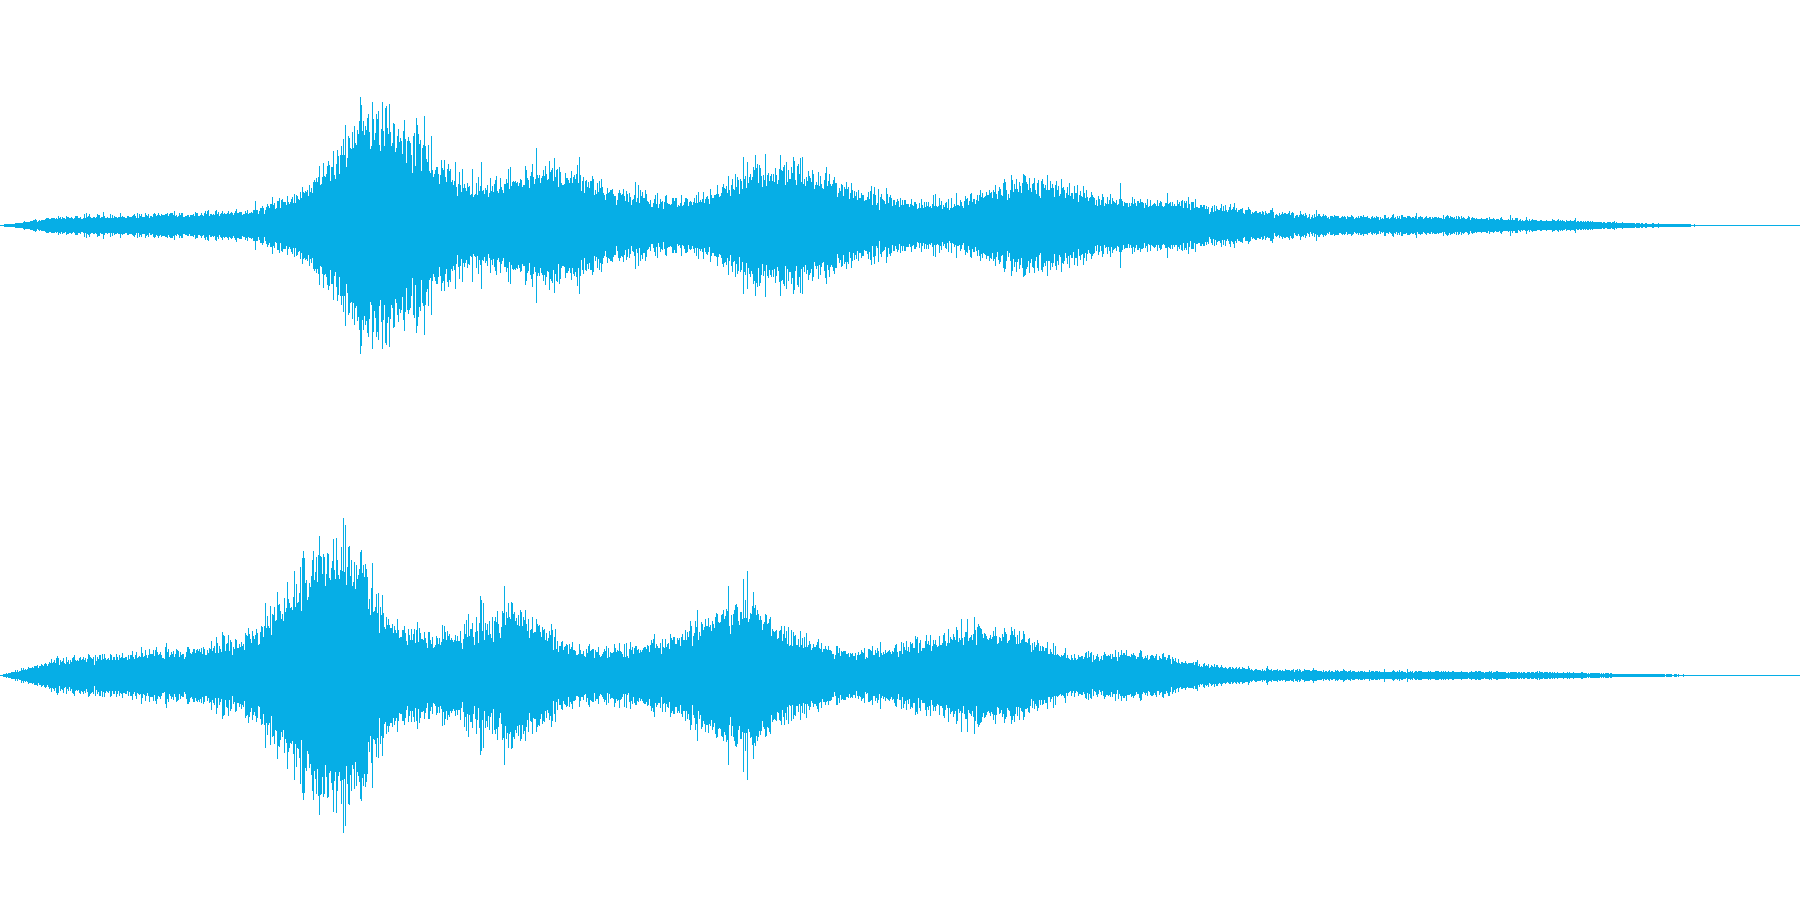 【生録音】 早朝の街 交通 環境音 1の再生済みの波形